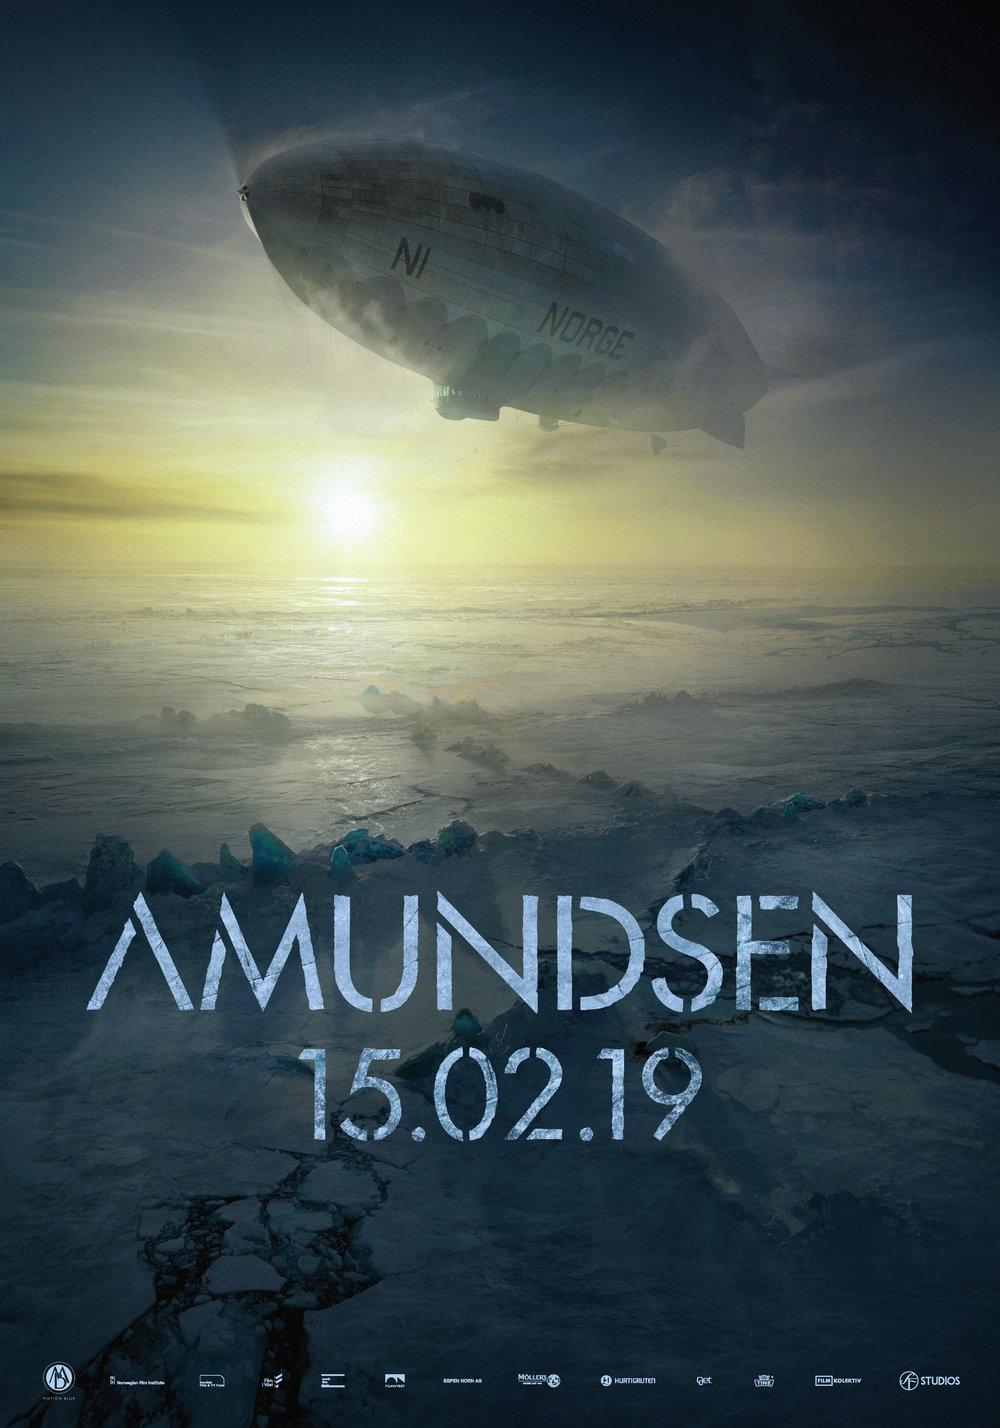 Amundsen_teaserposter01_Page_2.jpg